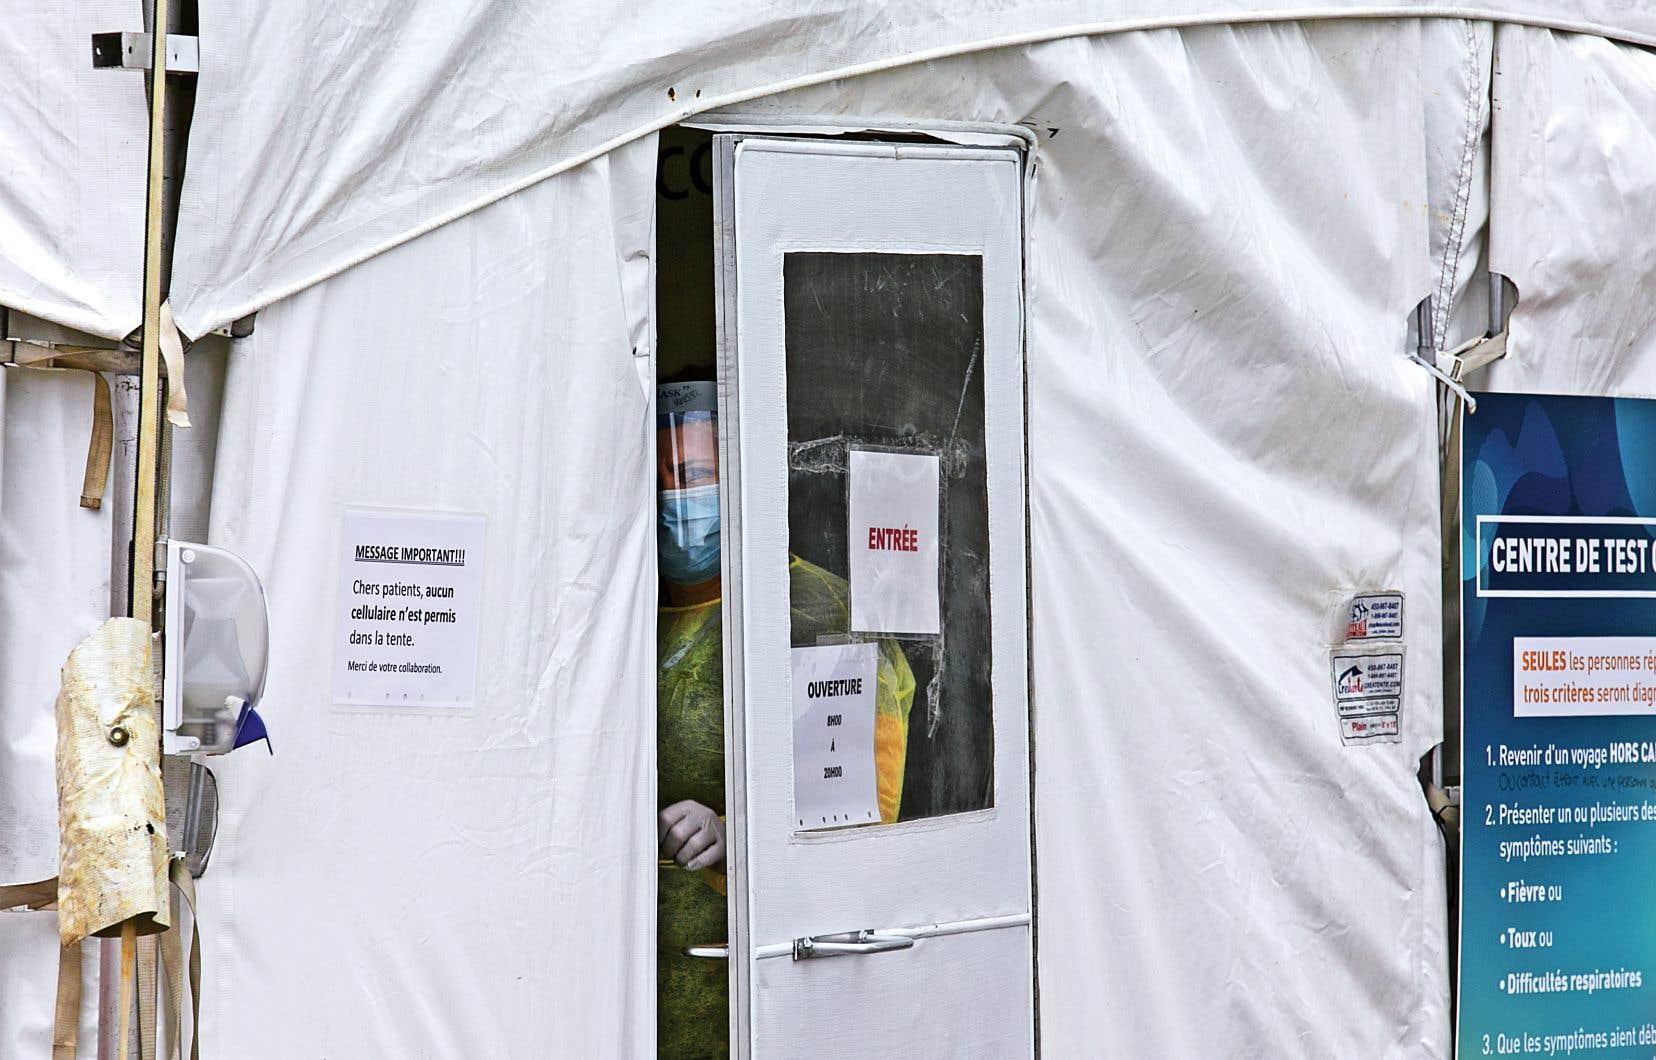 Une infirmière entrouvre la porte d'un centre de test temporaire installé à l'hôpital de Granby.